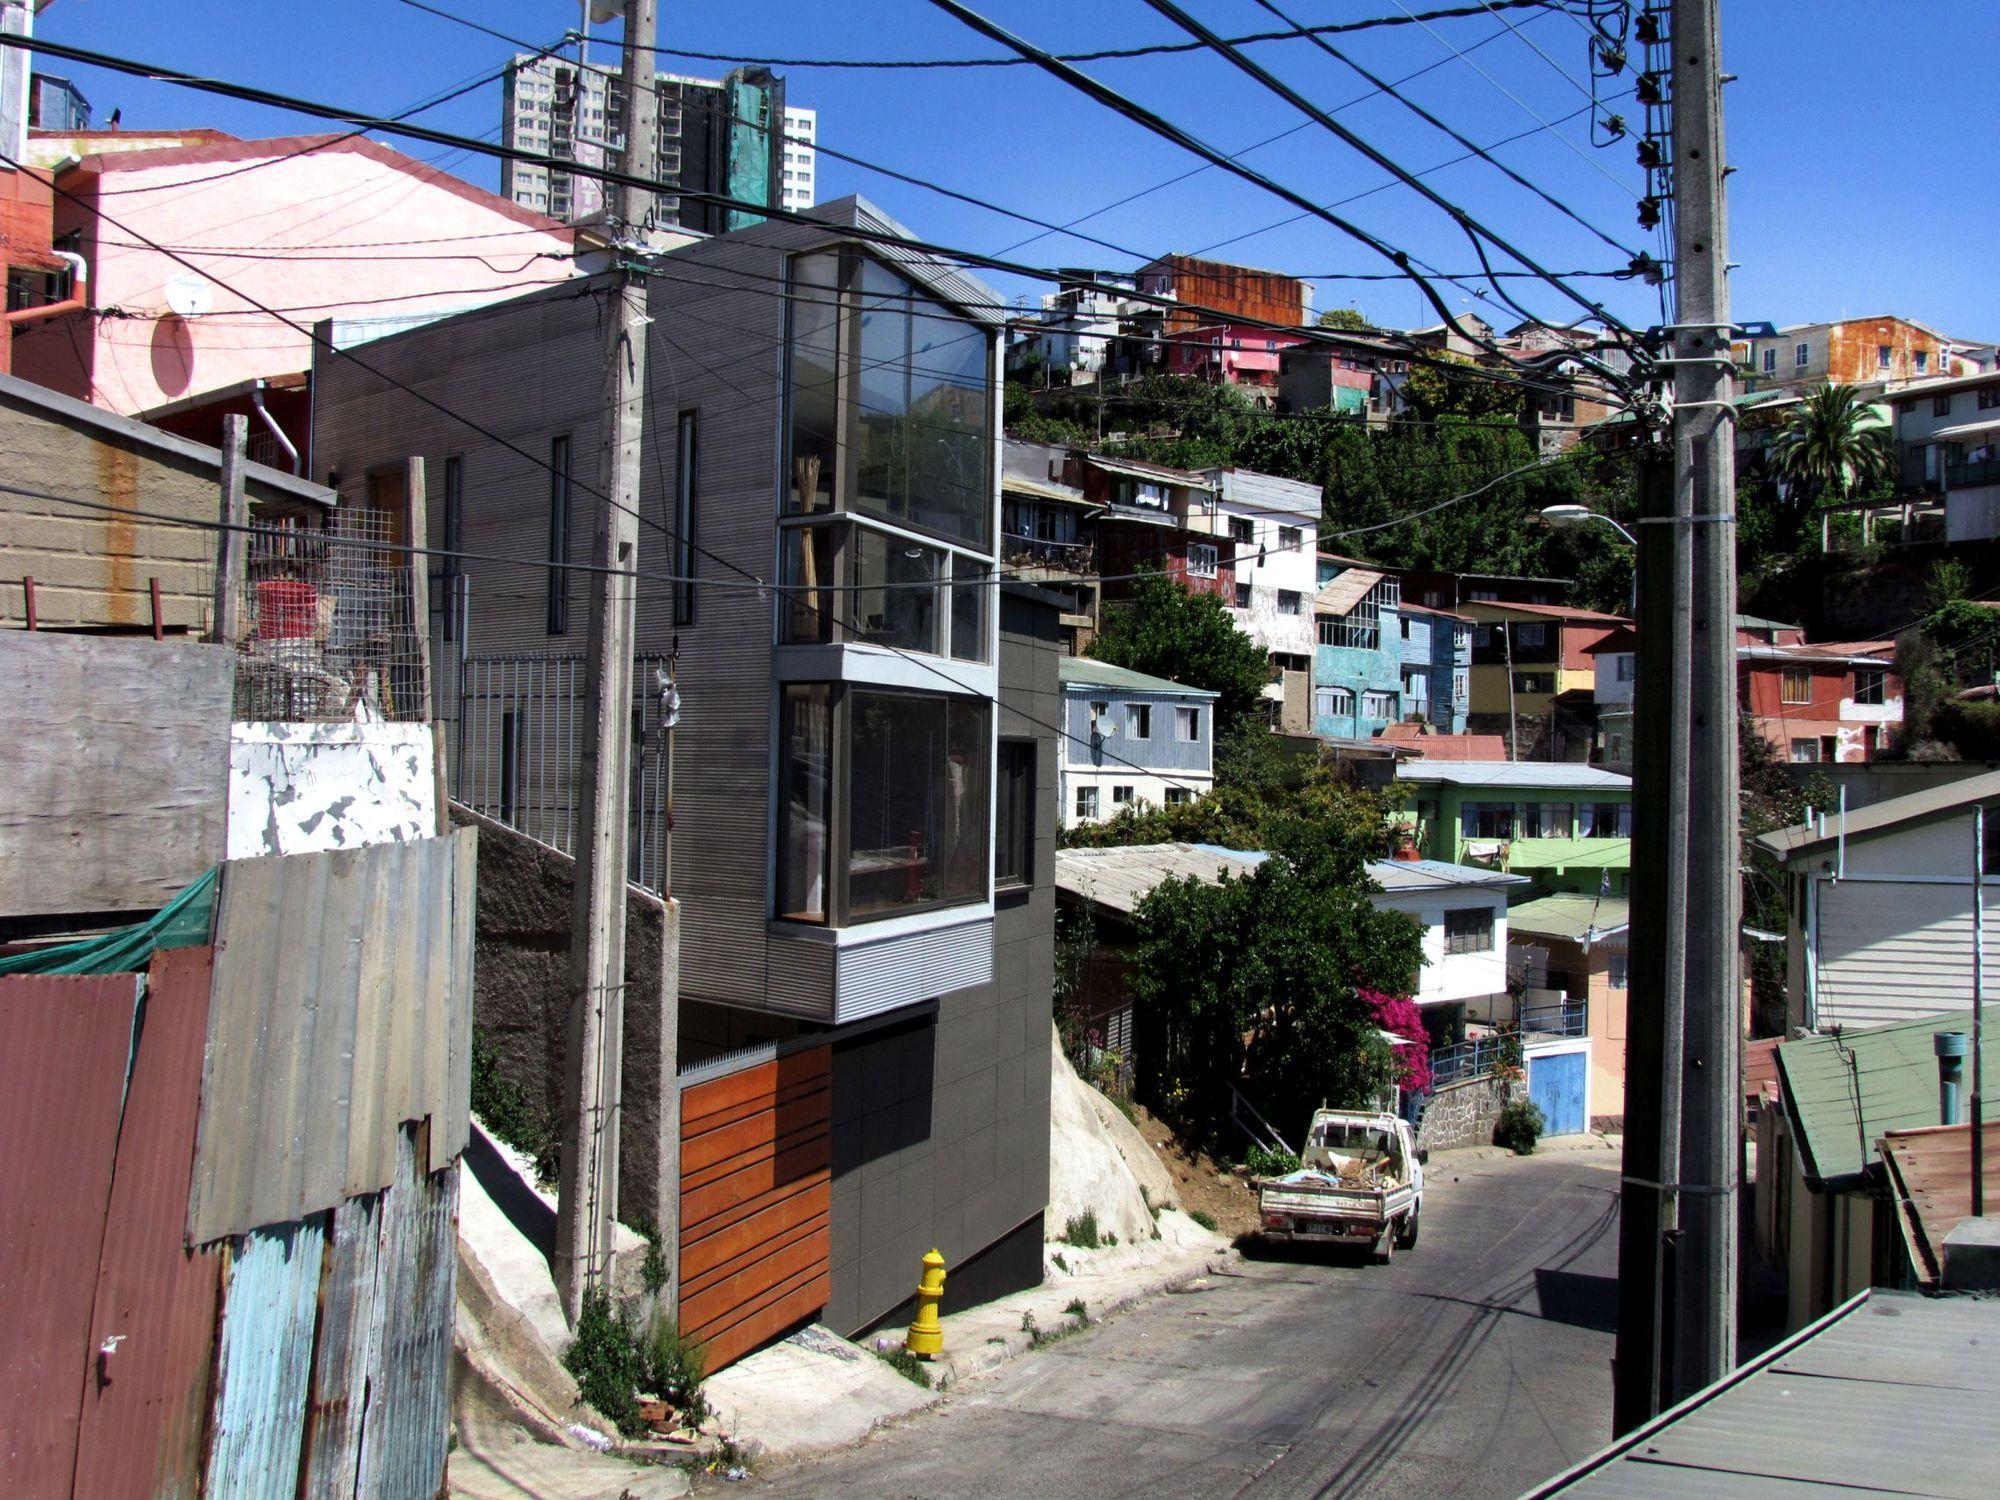 Galería - Casa Monjas / Molo Arquitectos - 5